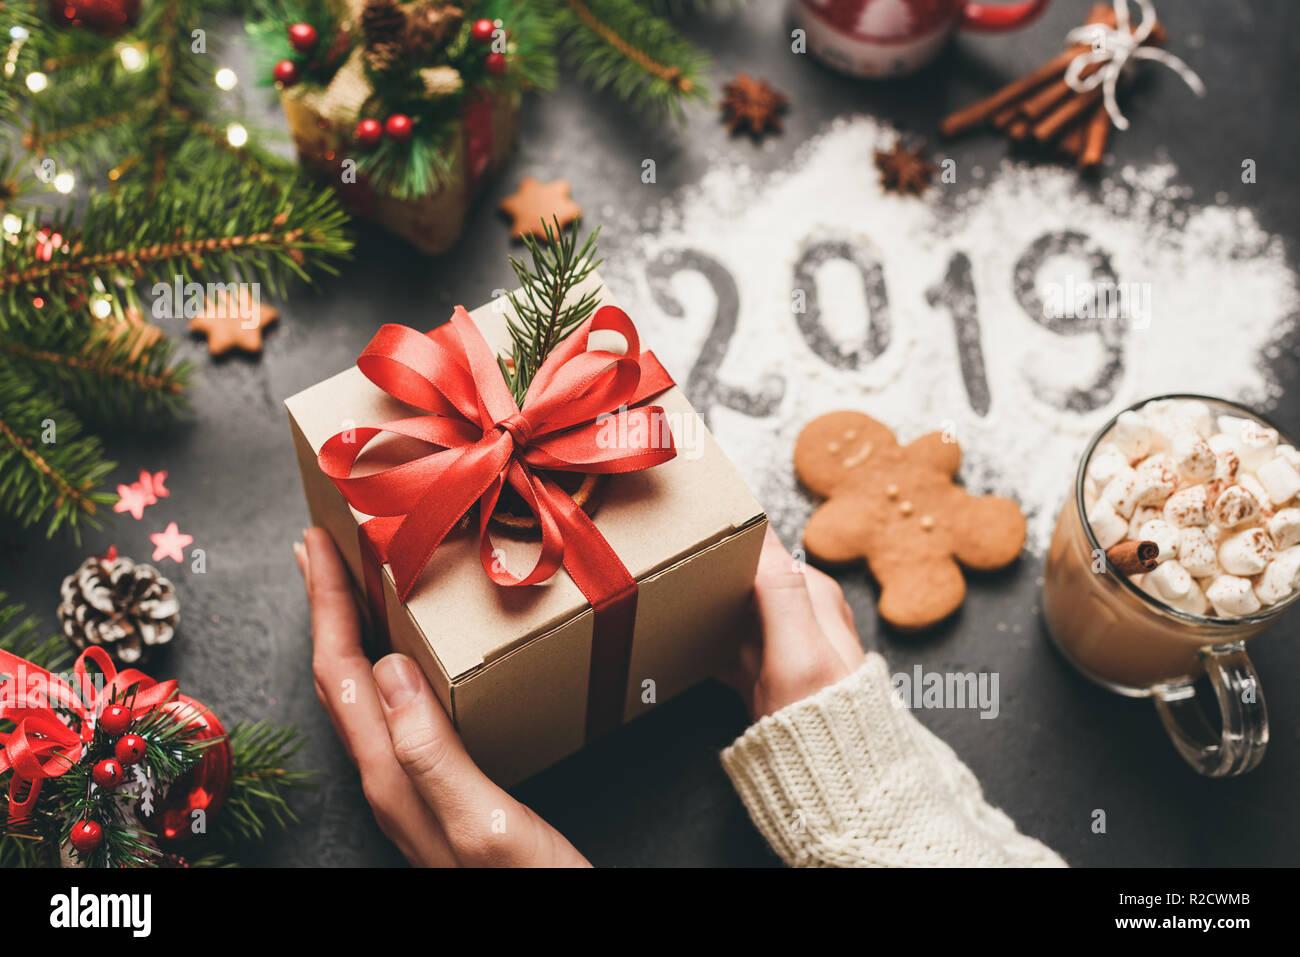 Winterurlaub Weihnachten 2019.Weihnachten Und Neues Jahr 2019 Hände Die Geschenkverpackung